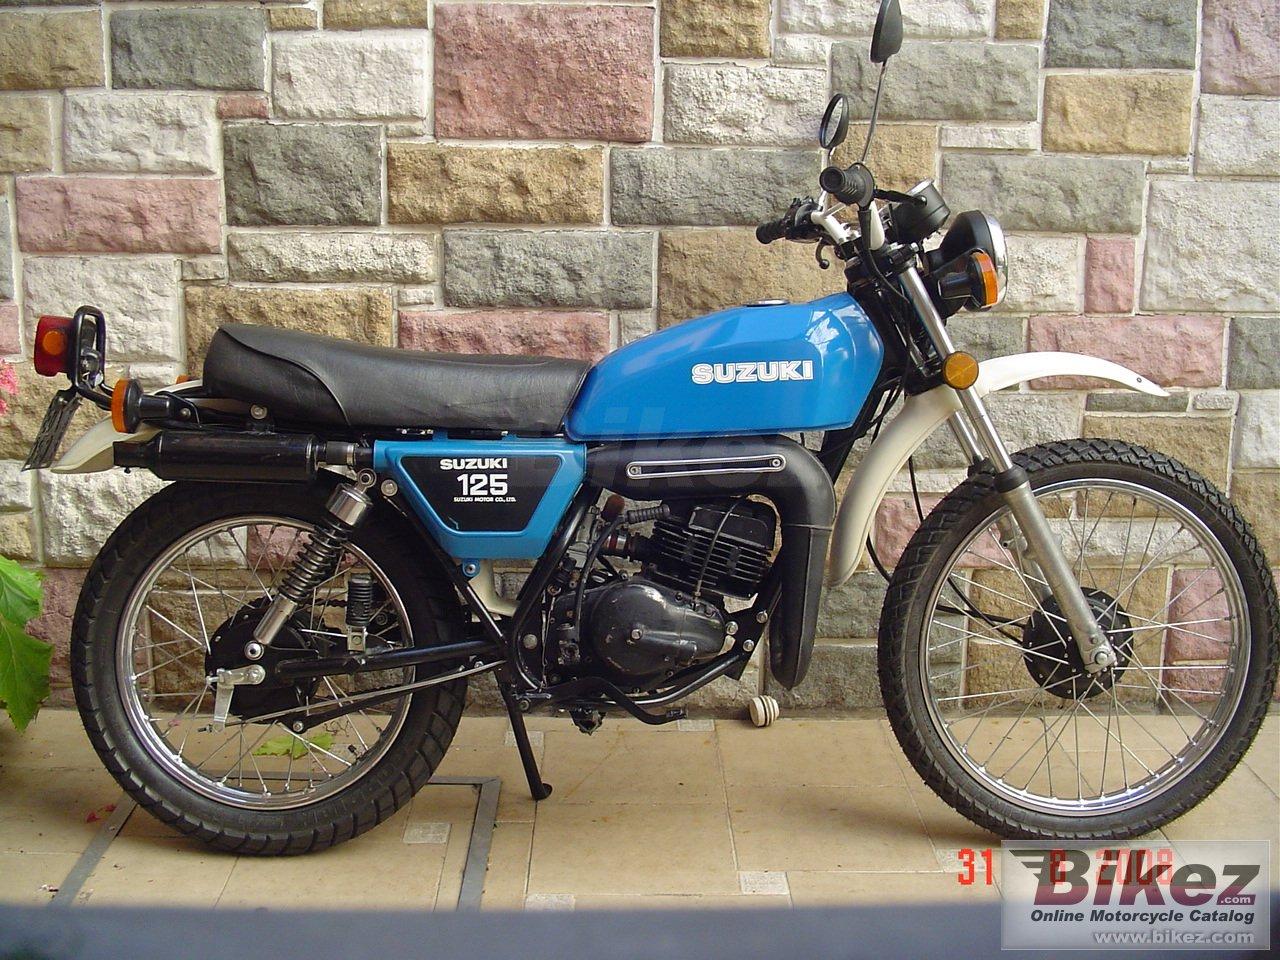 Suzuki TS 125 picture